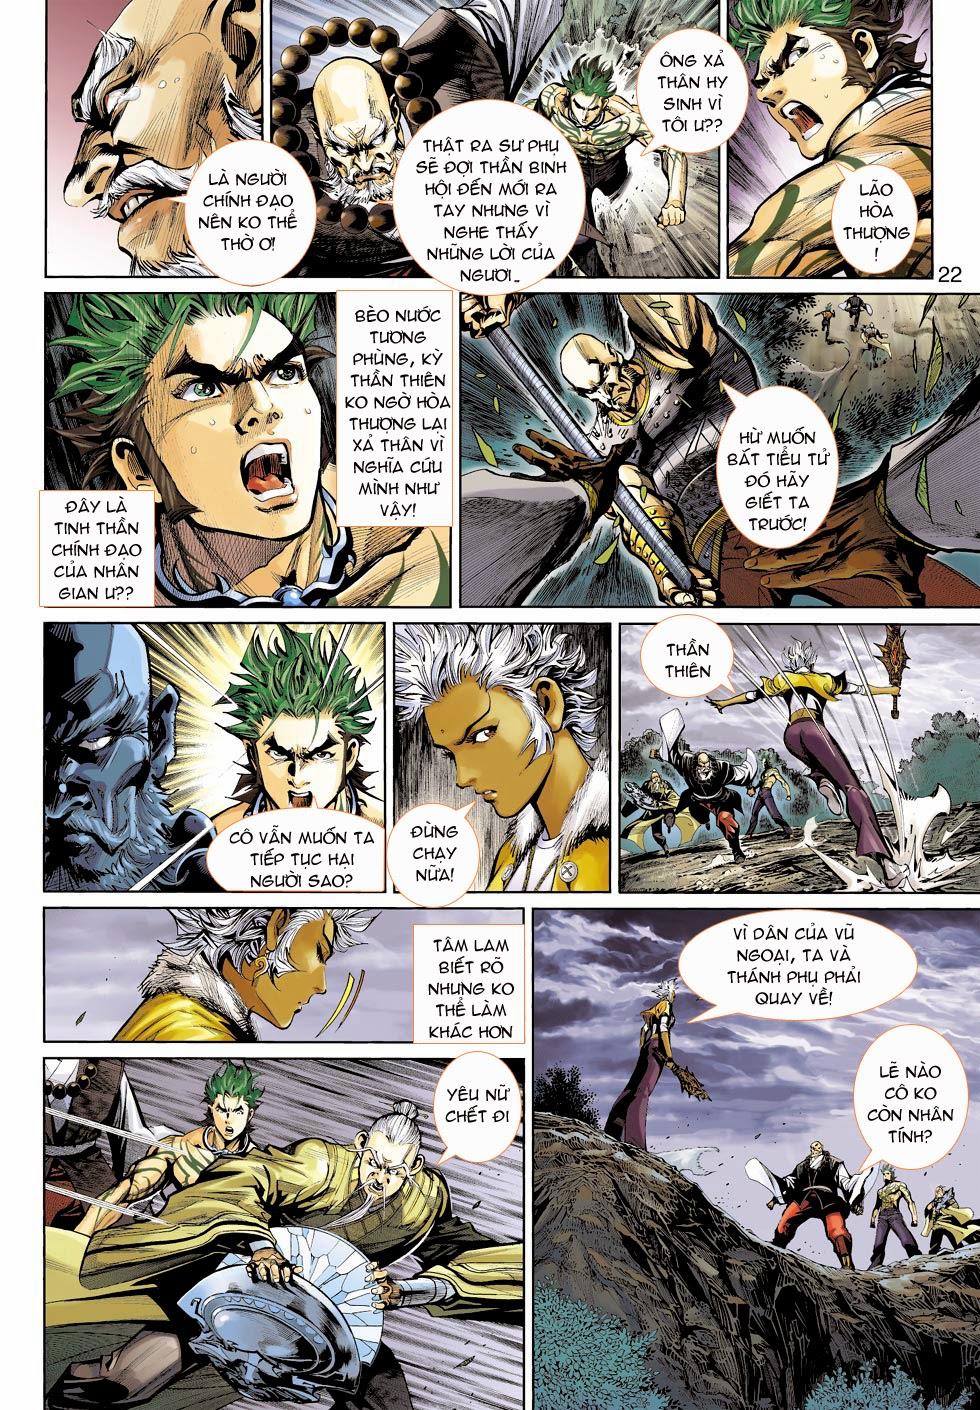 Thần Binh 4 chap 25 - Trang 24